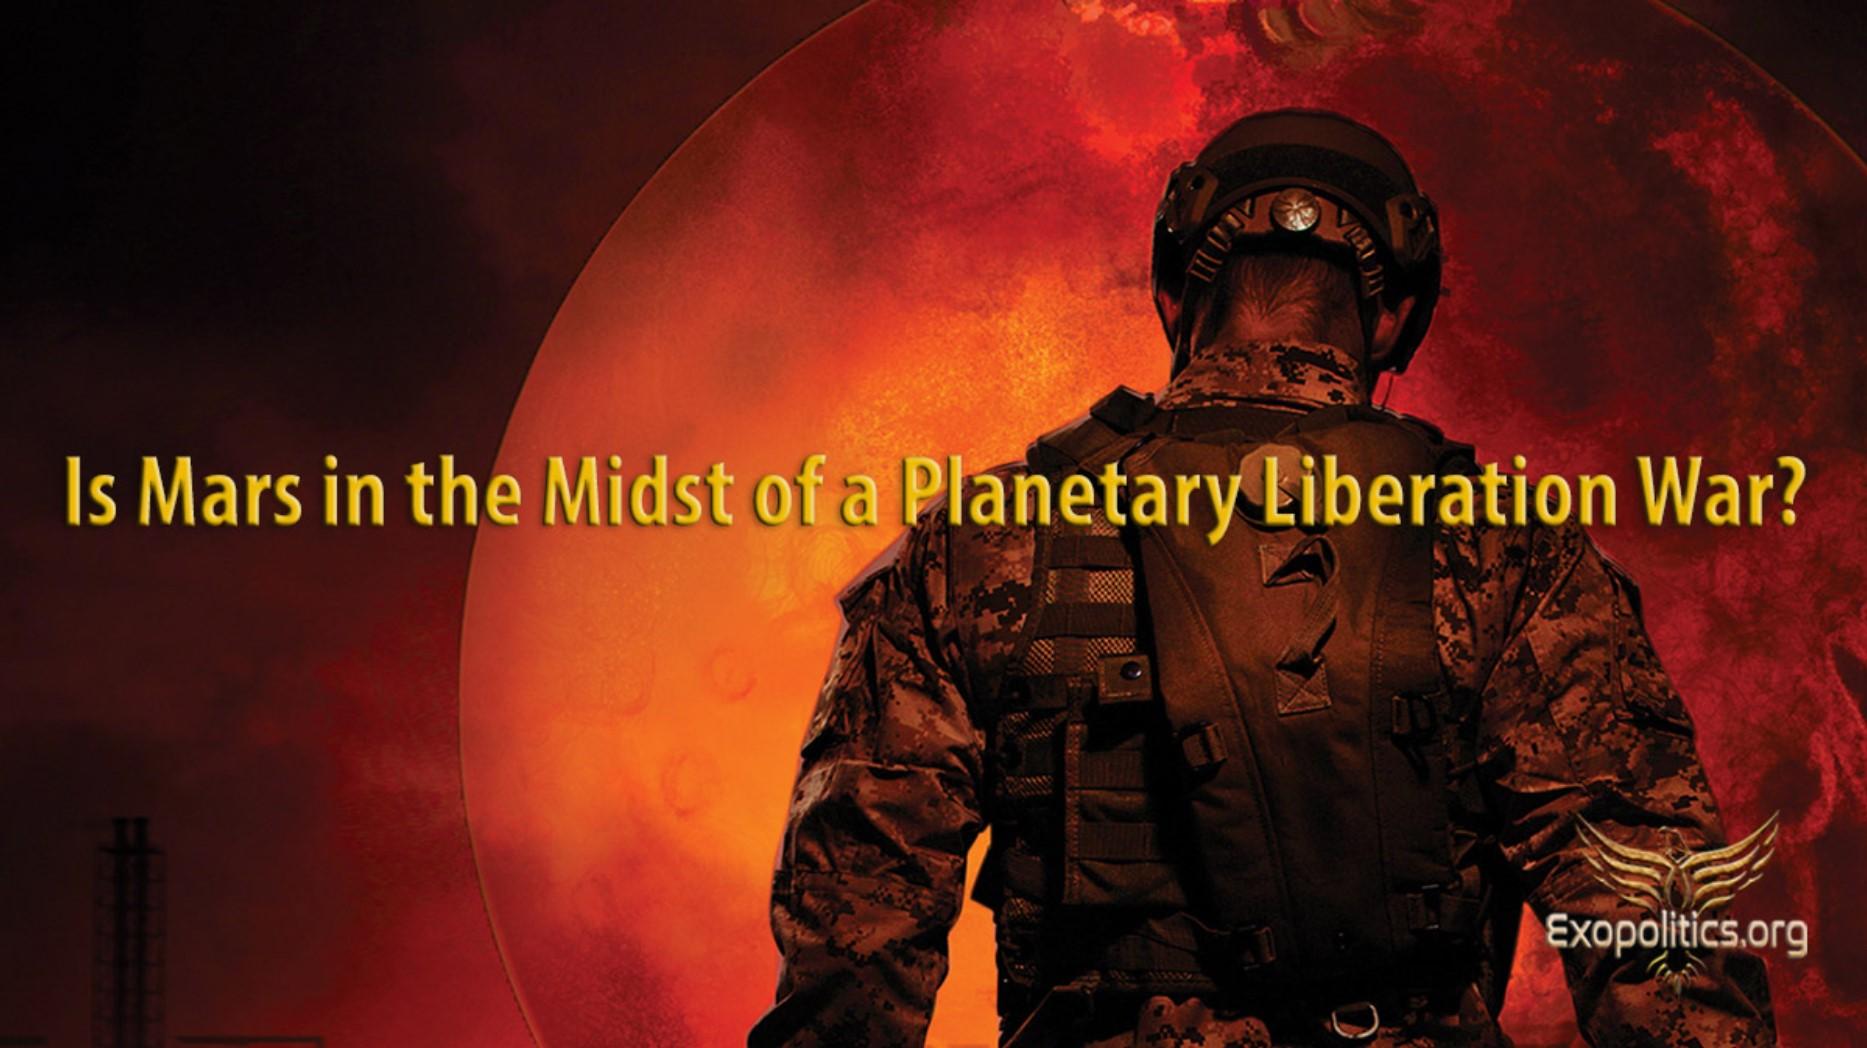 Dr. Salla: Steckt der Mars mitten in einem planetaren Befreiungskrieg?